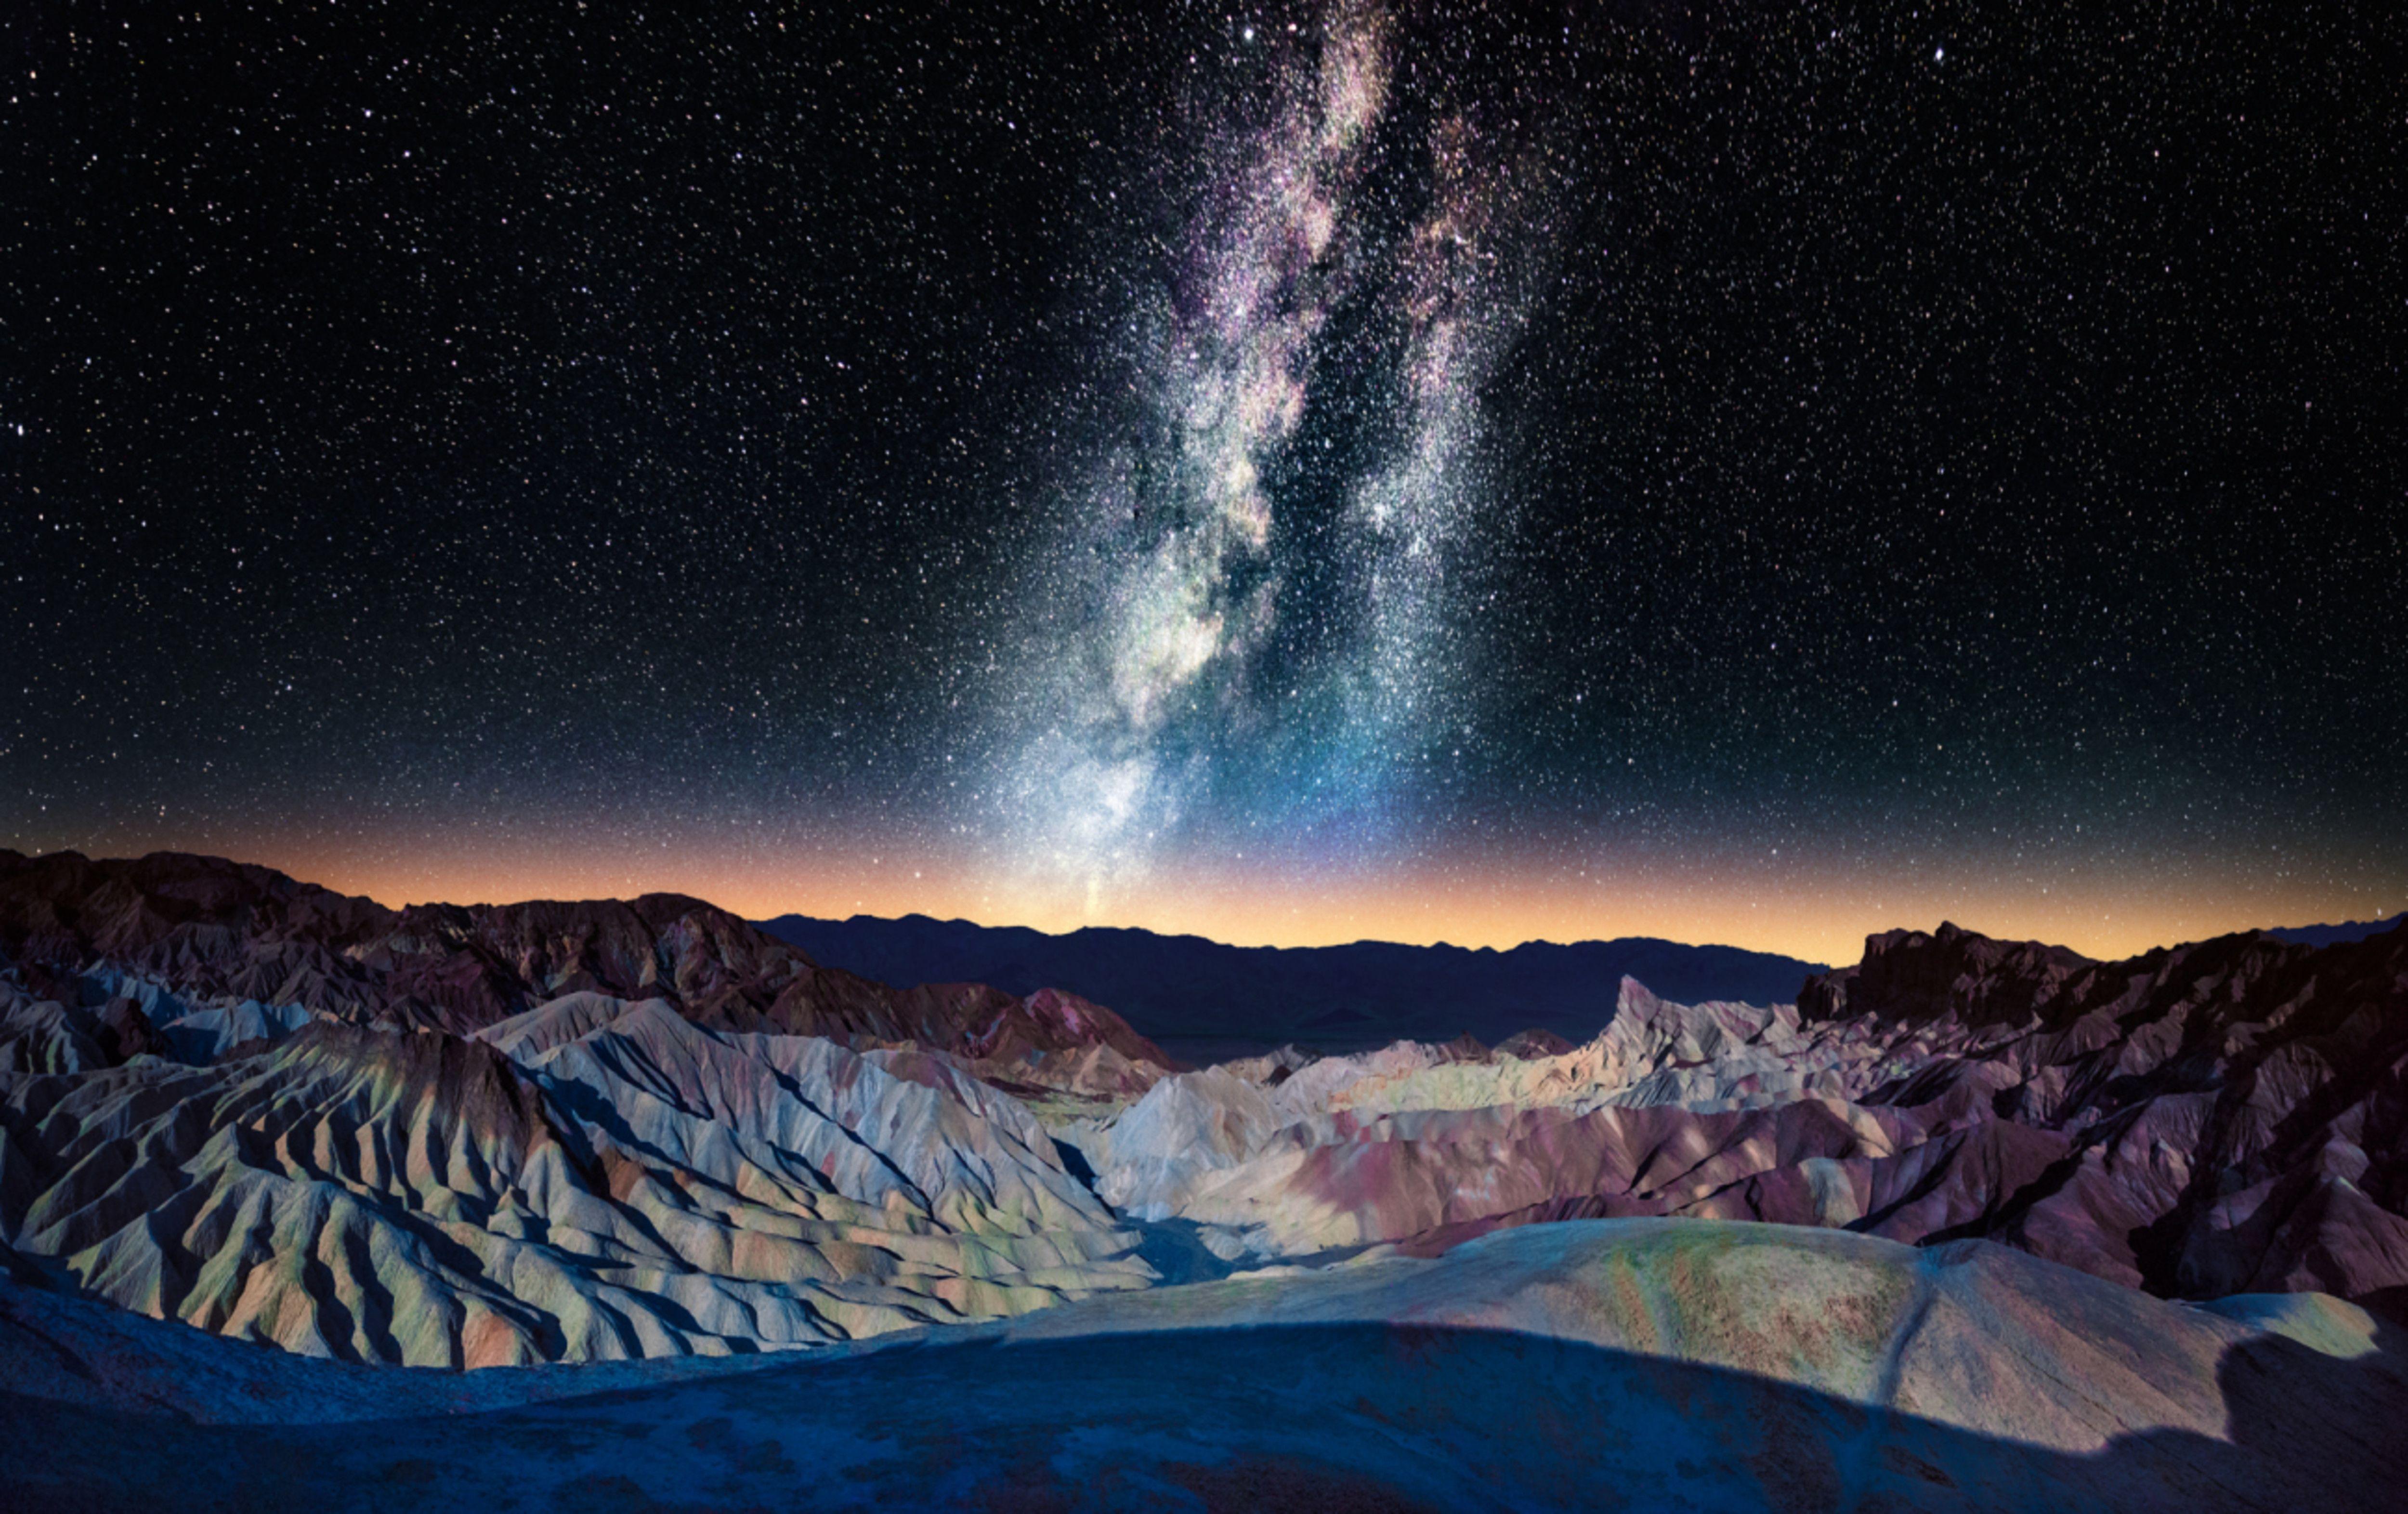 California: Zabriskie Point, Death Valley National Park- Matt Anderson/Getty Images